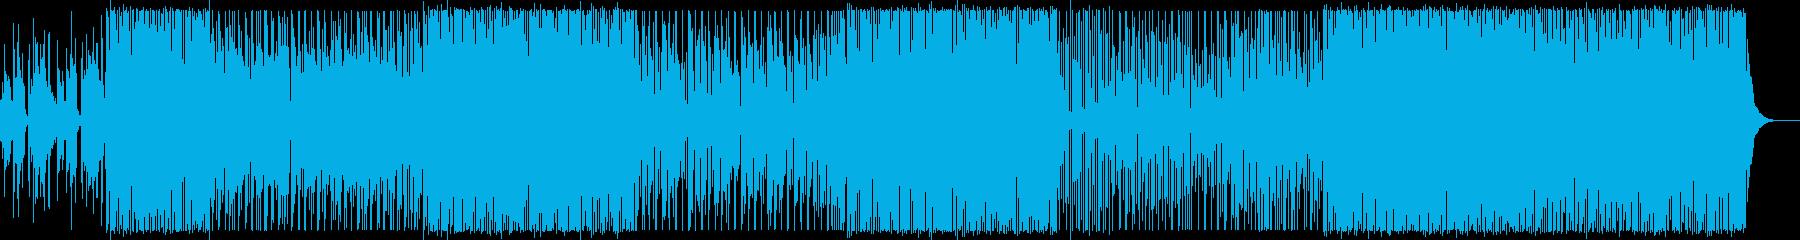 イージーリスニング 楽しげ エスニ...の再生済みの波形